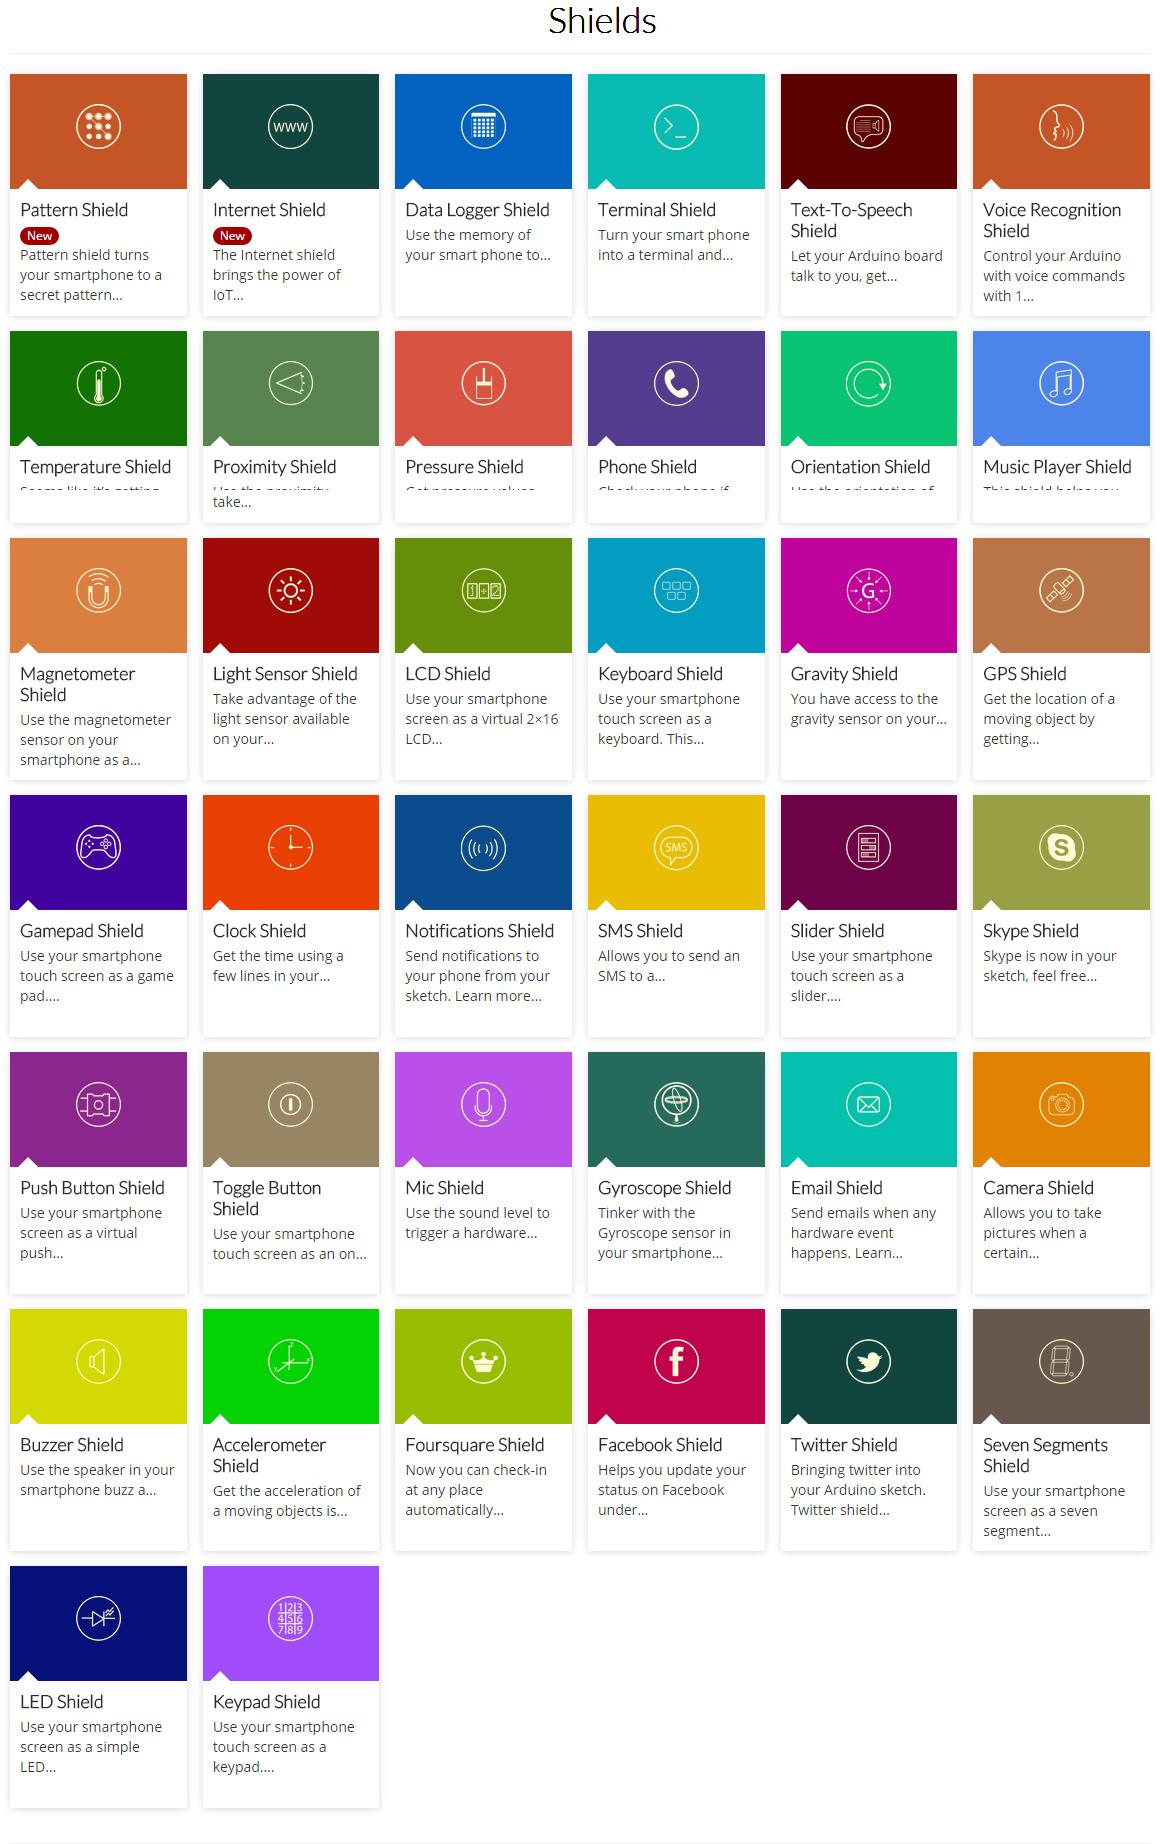 40-shields-onesheeld-arduino